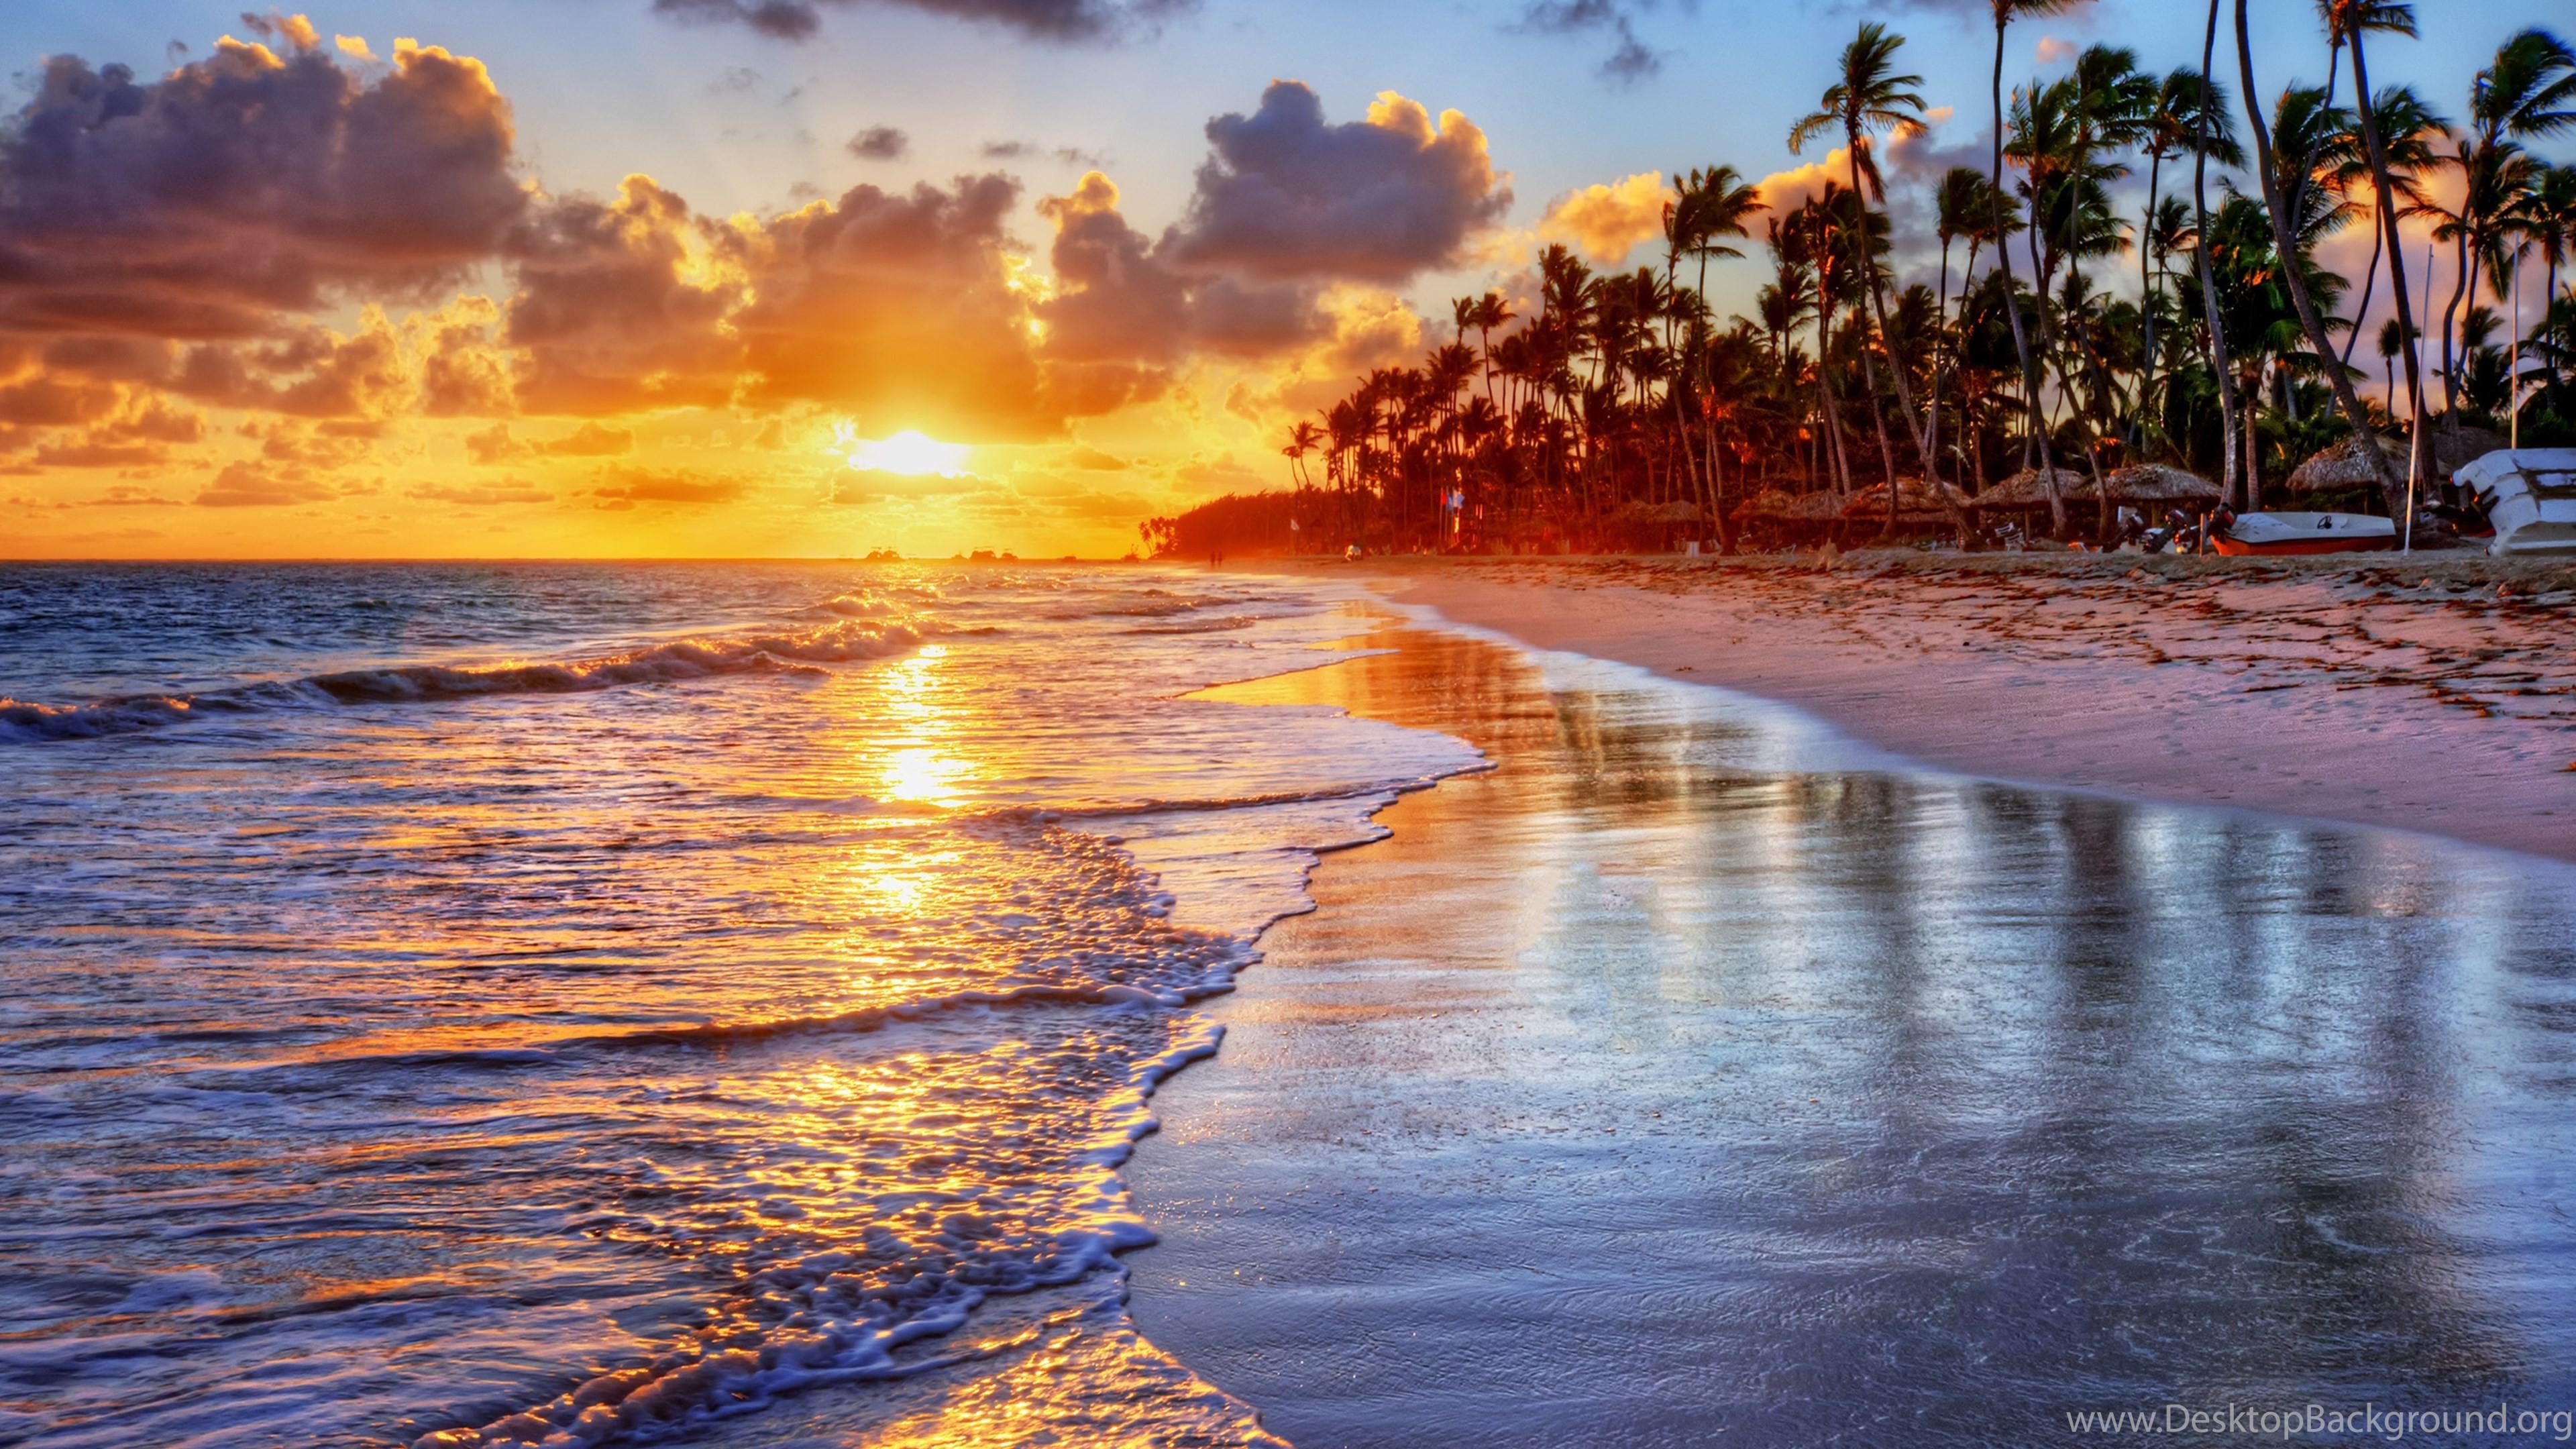 Tropical Desktop Background 56 Images